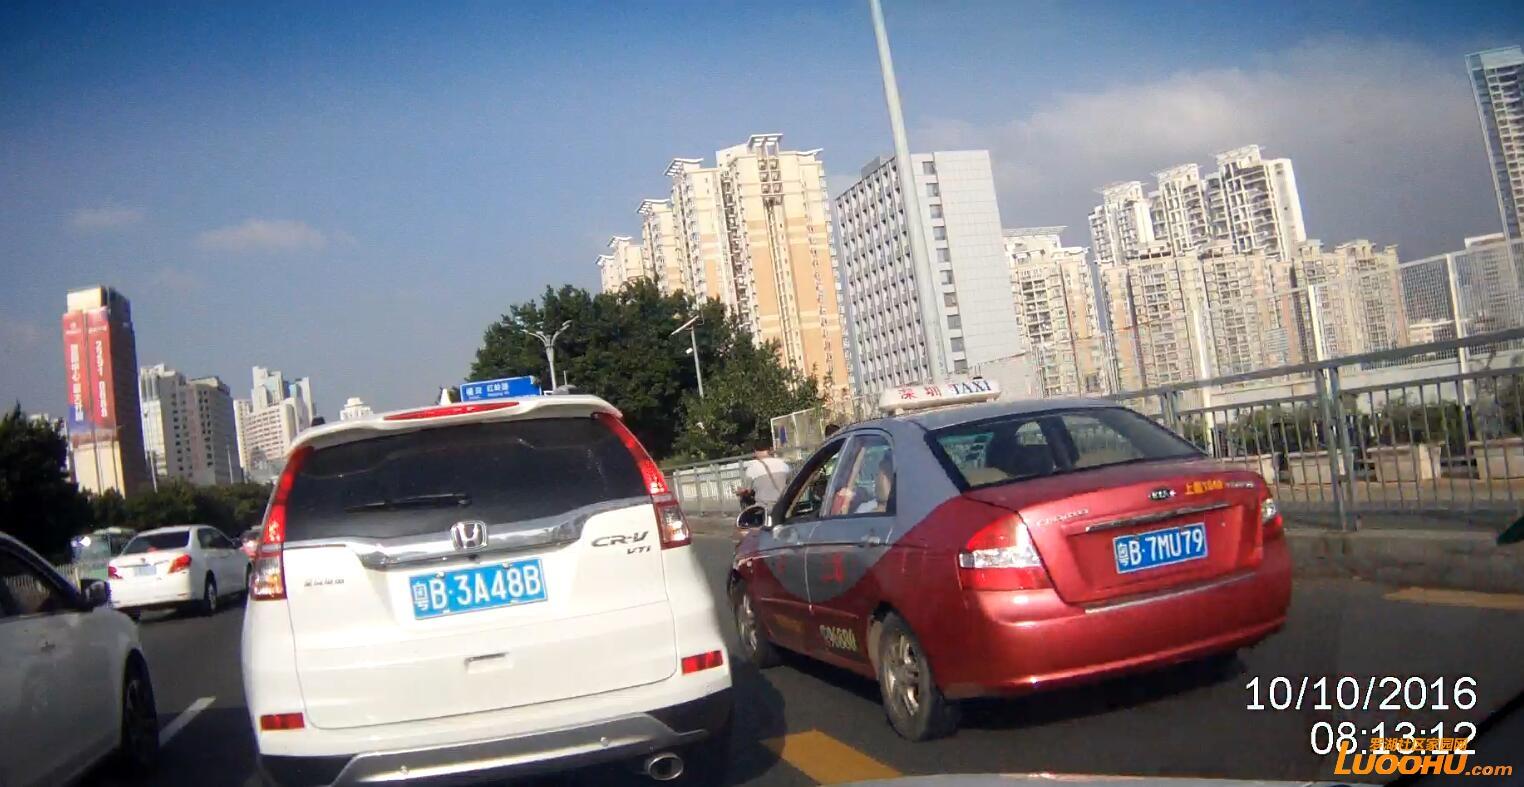 笋岗路西行笋岗铁路跨线桥上(粤B7MU79)高峰时段行走公交车道01.jpg